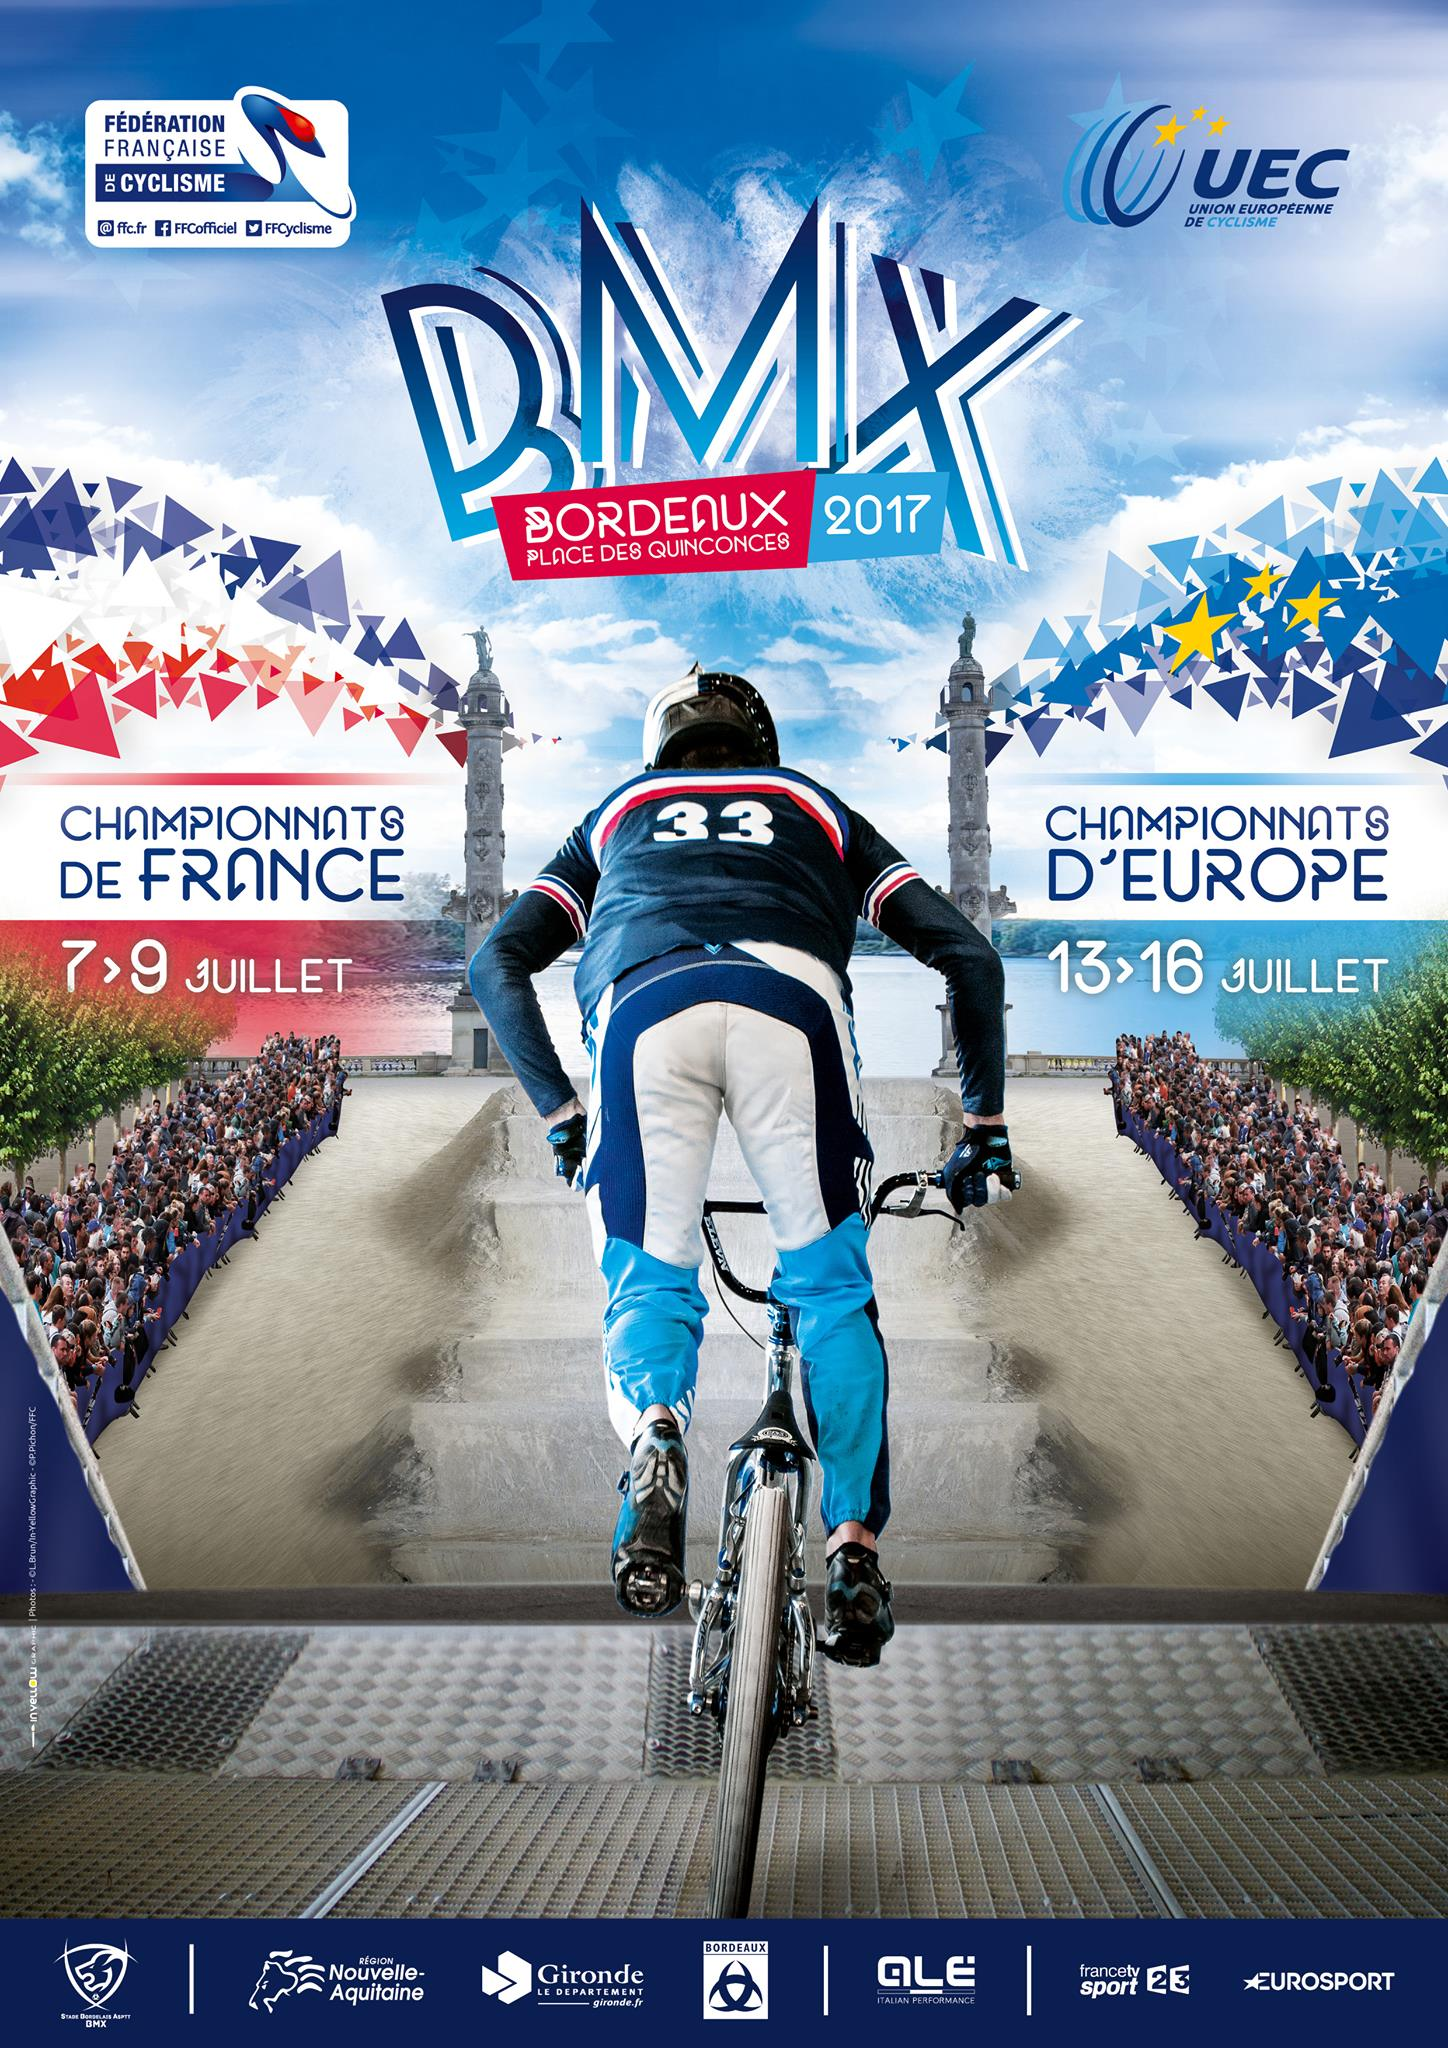 championnats bmx 2017 Bordeaux